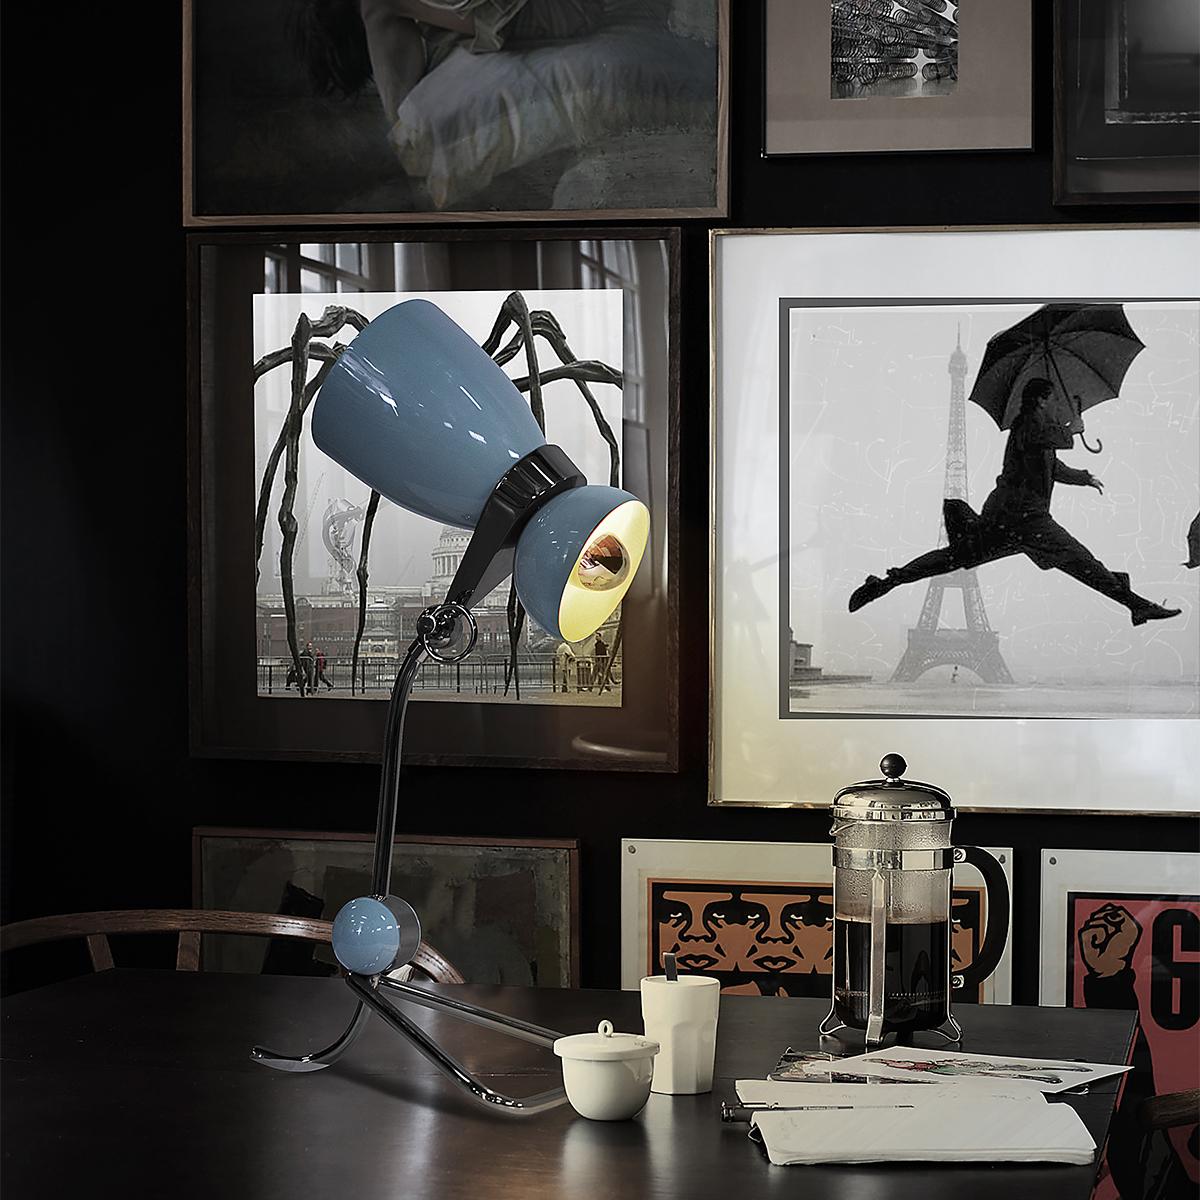 Lámparas de mesa: Ideas lujuosas para un proyecto elegante lámparas de mesa Lámparas de mesa: Ideas lujuosas para un proyecto elegante AMY HR 04